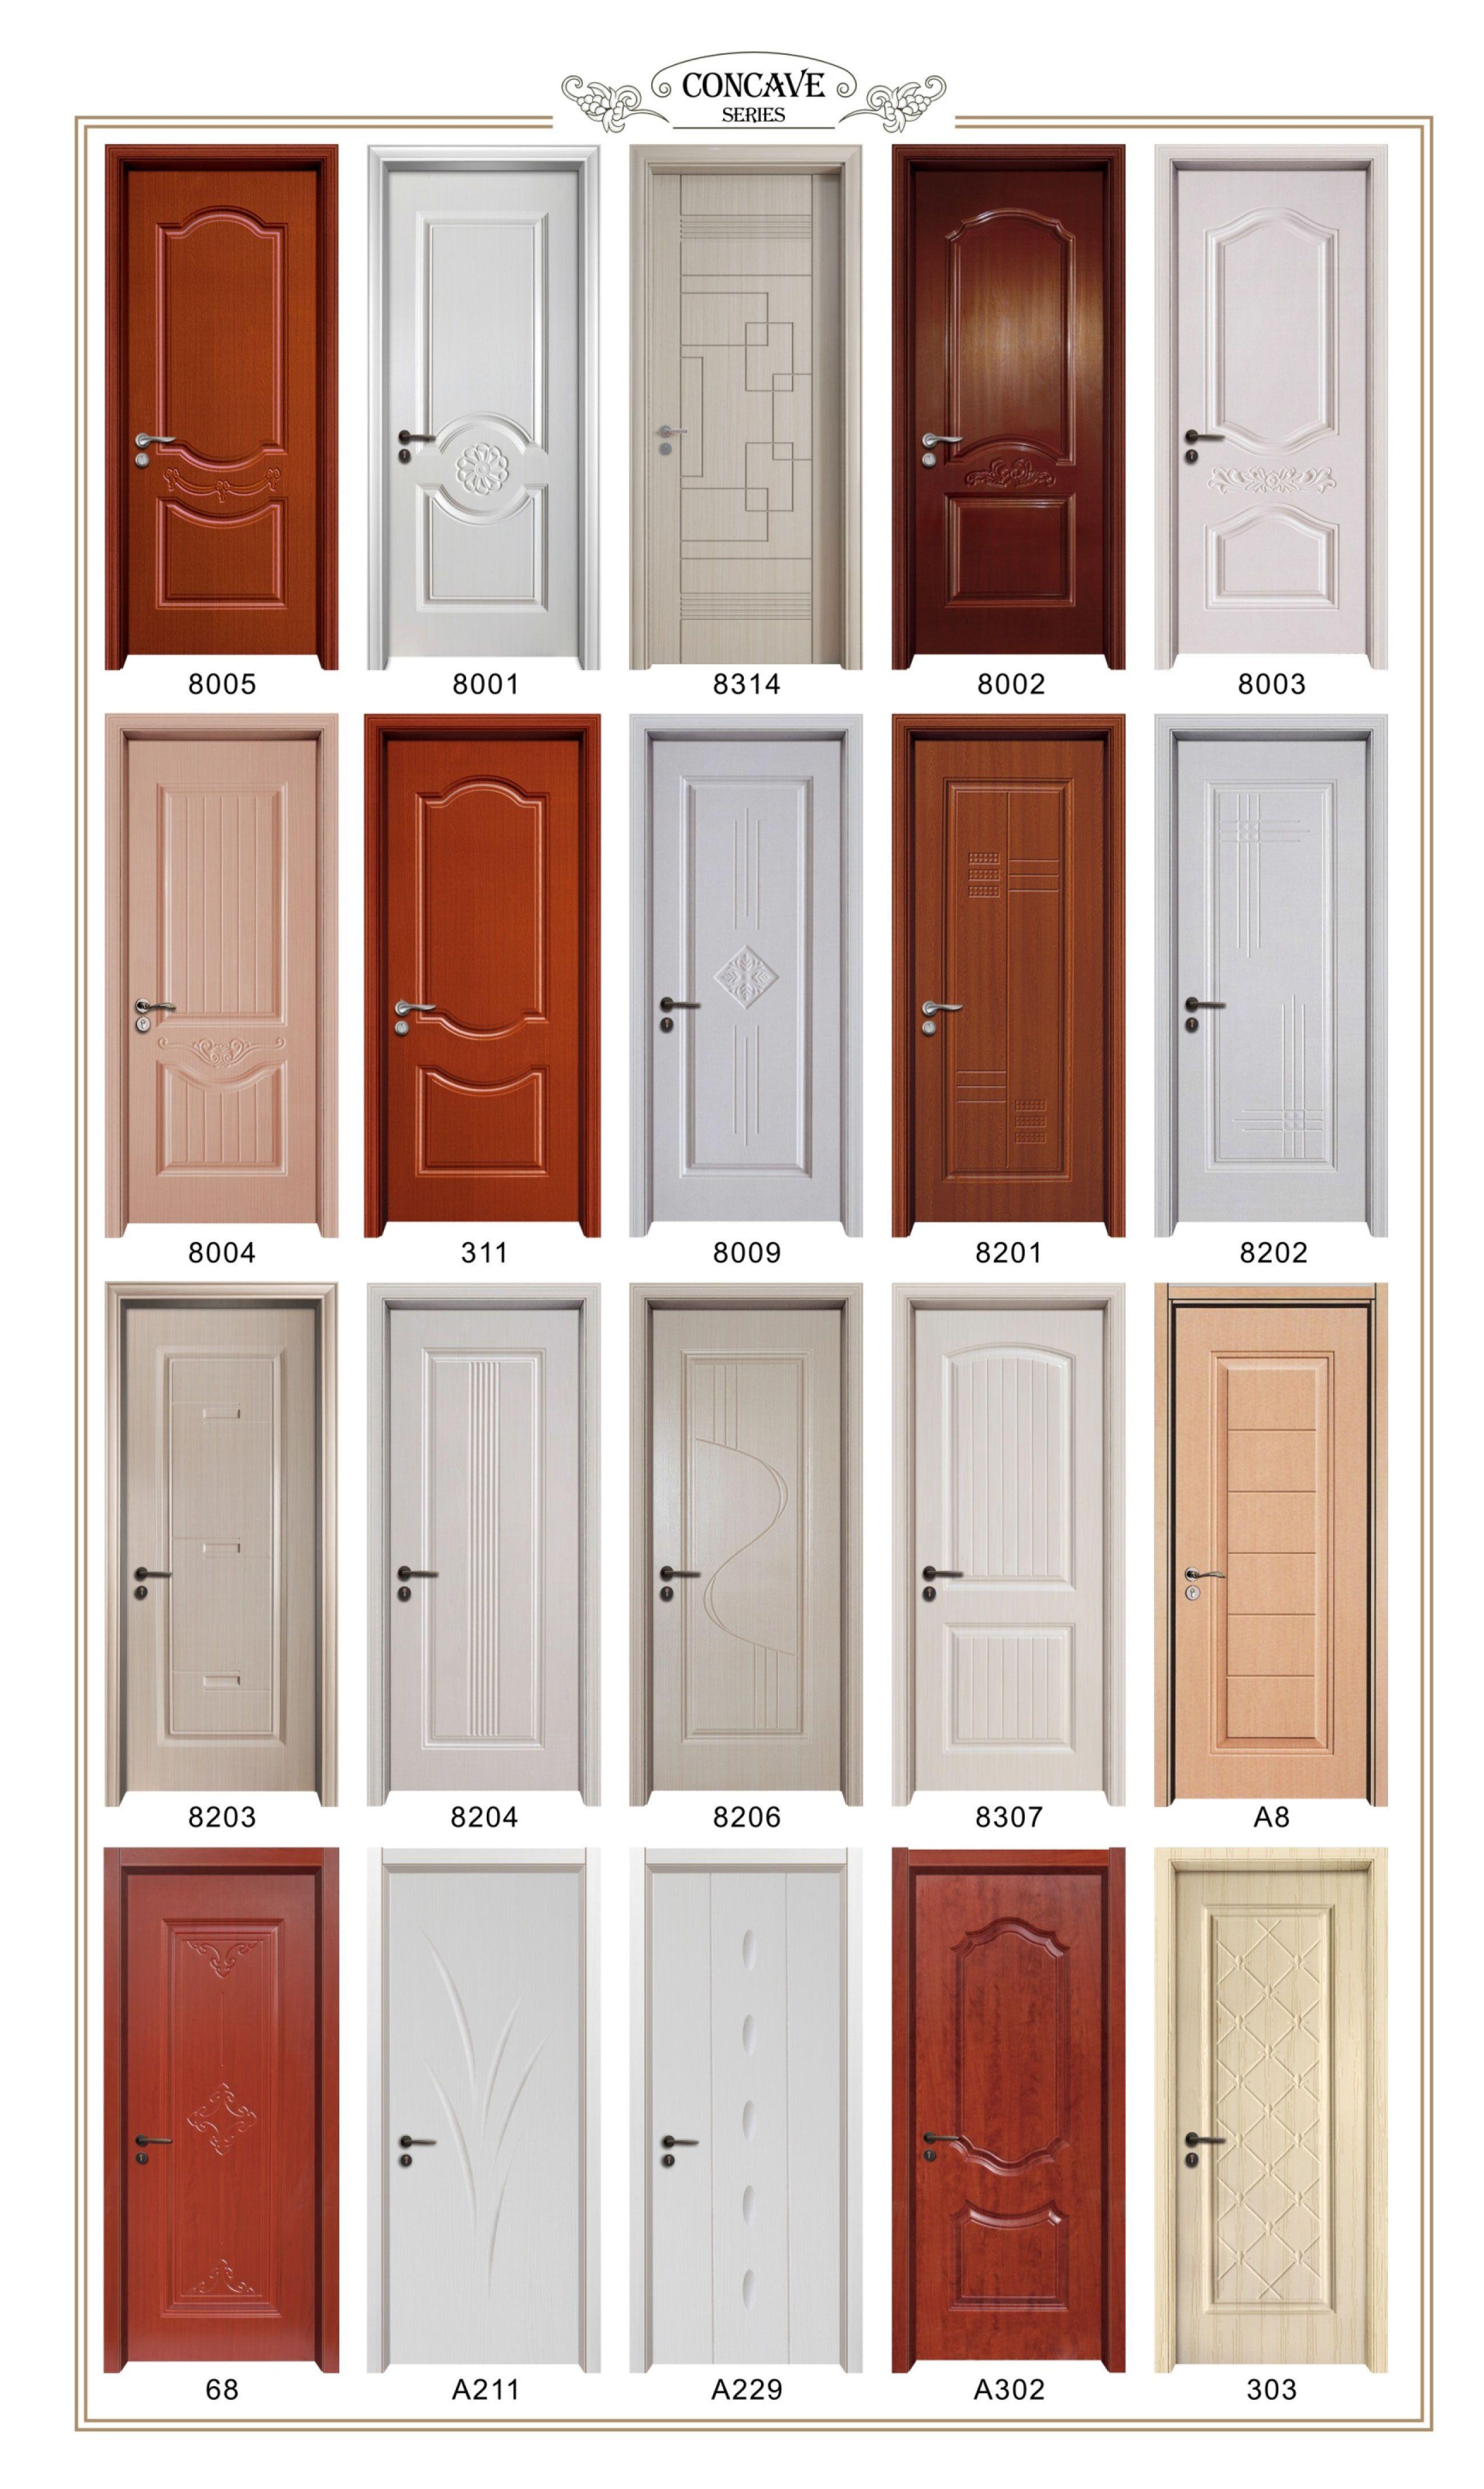 Pin By Door Manufacturer On Waterproof Interior Door Design In 2019